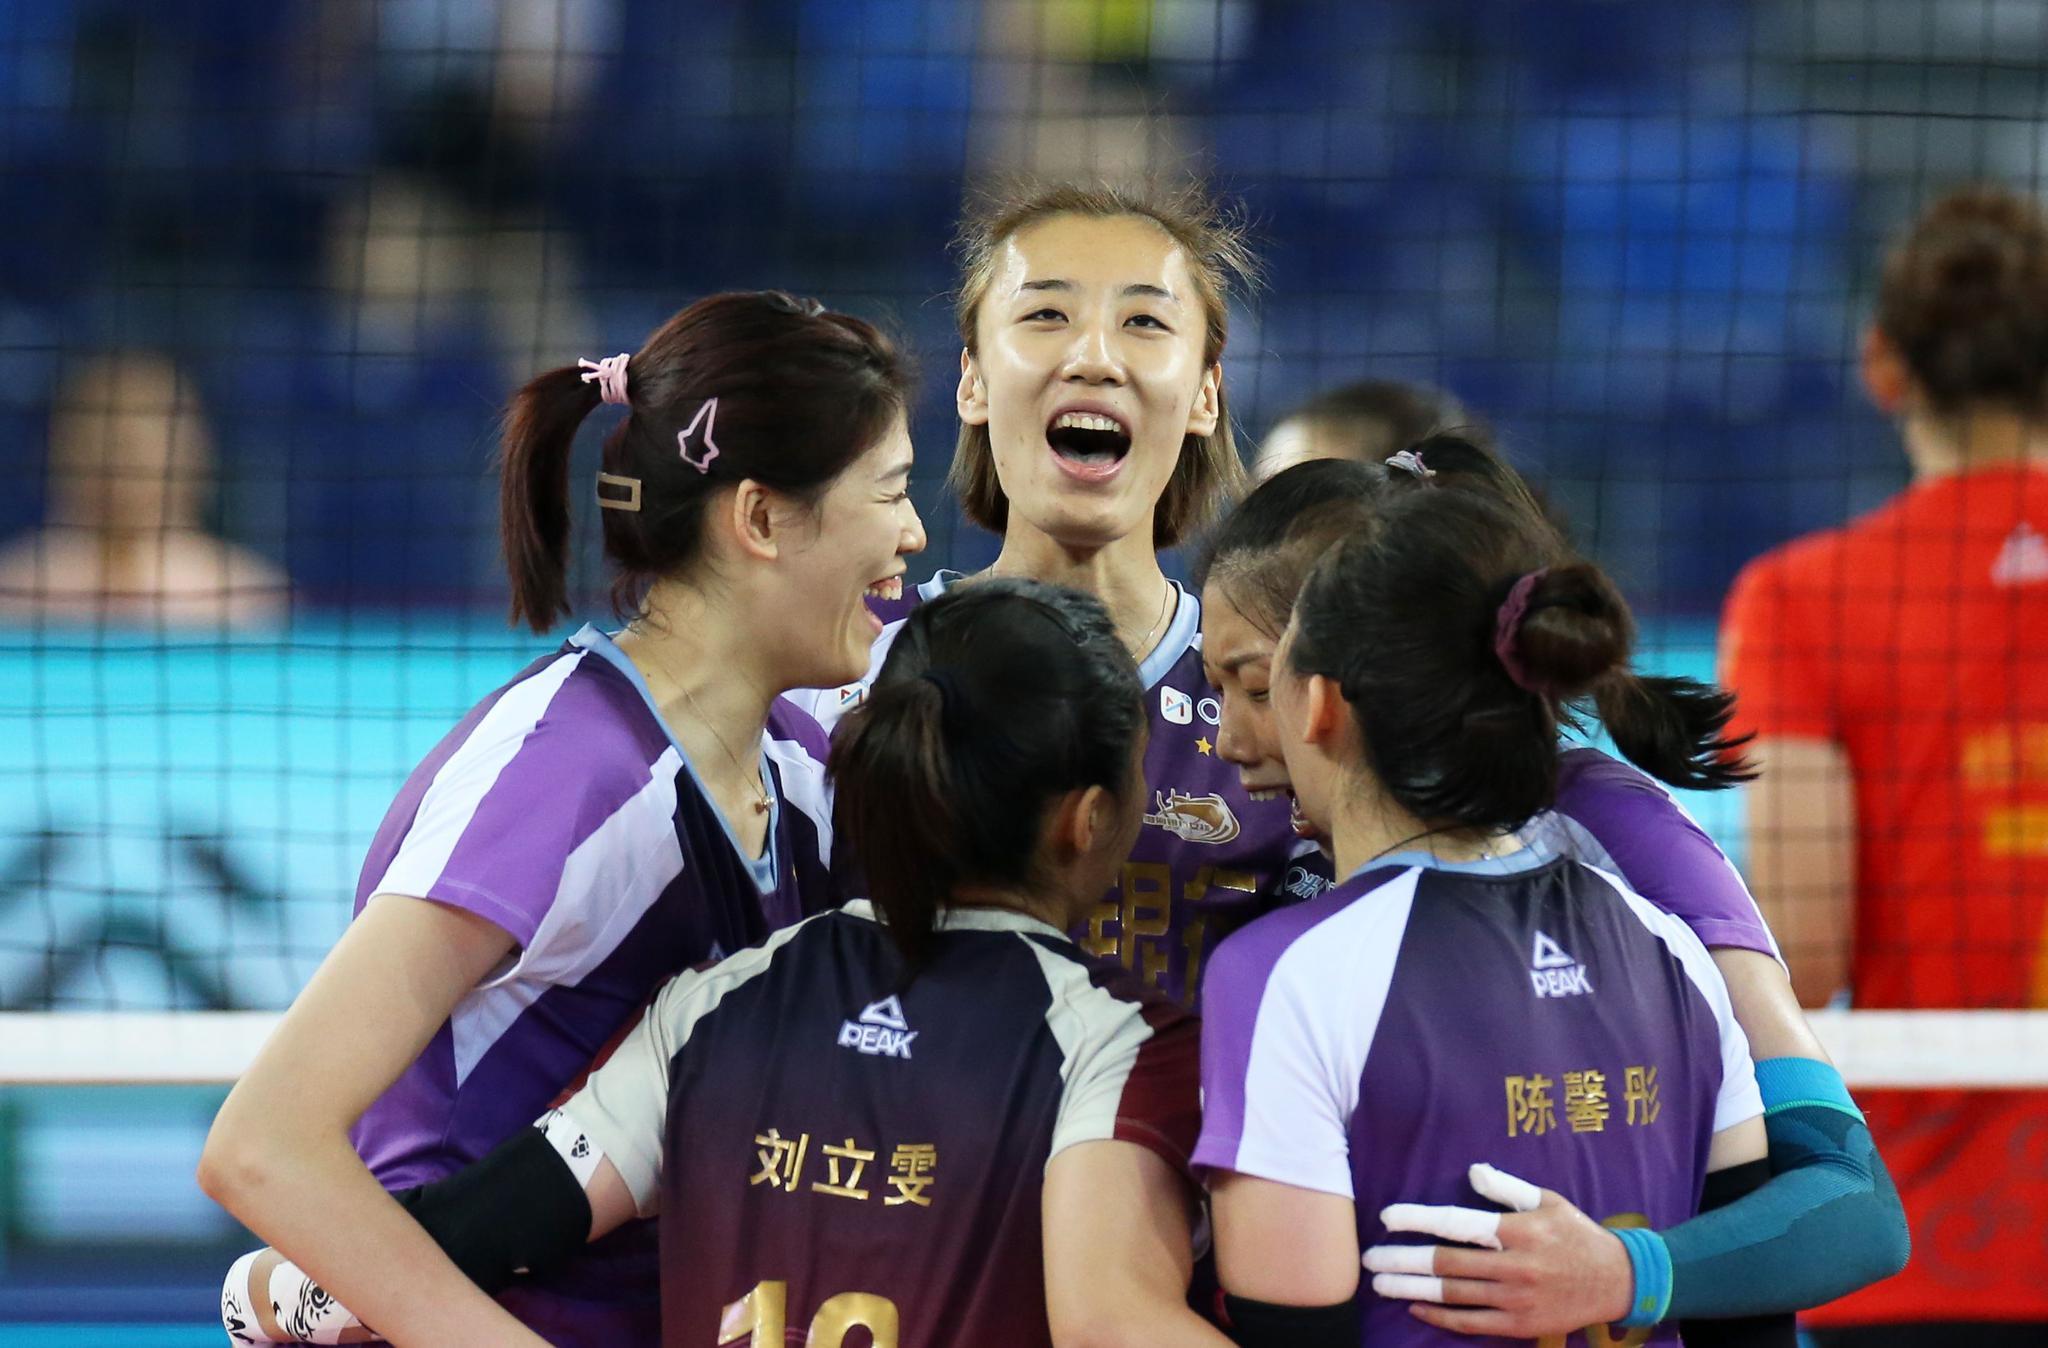 排球——全国女排锦标赛:天津队夺冠(2)